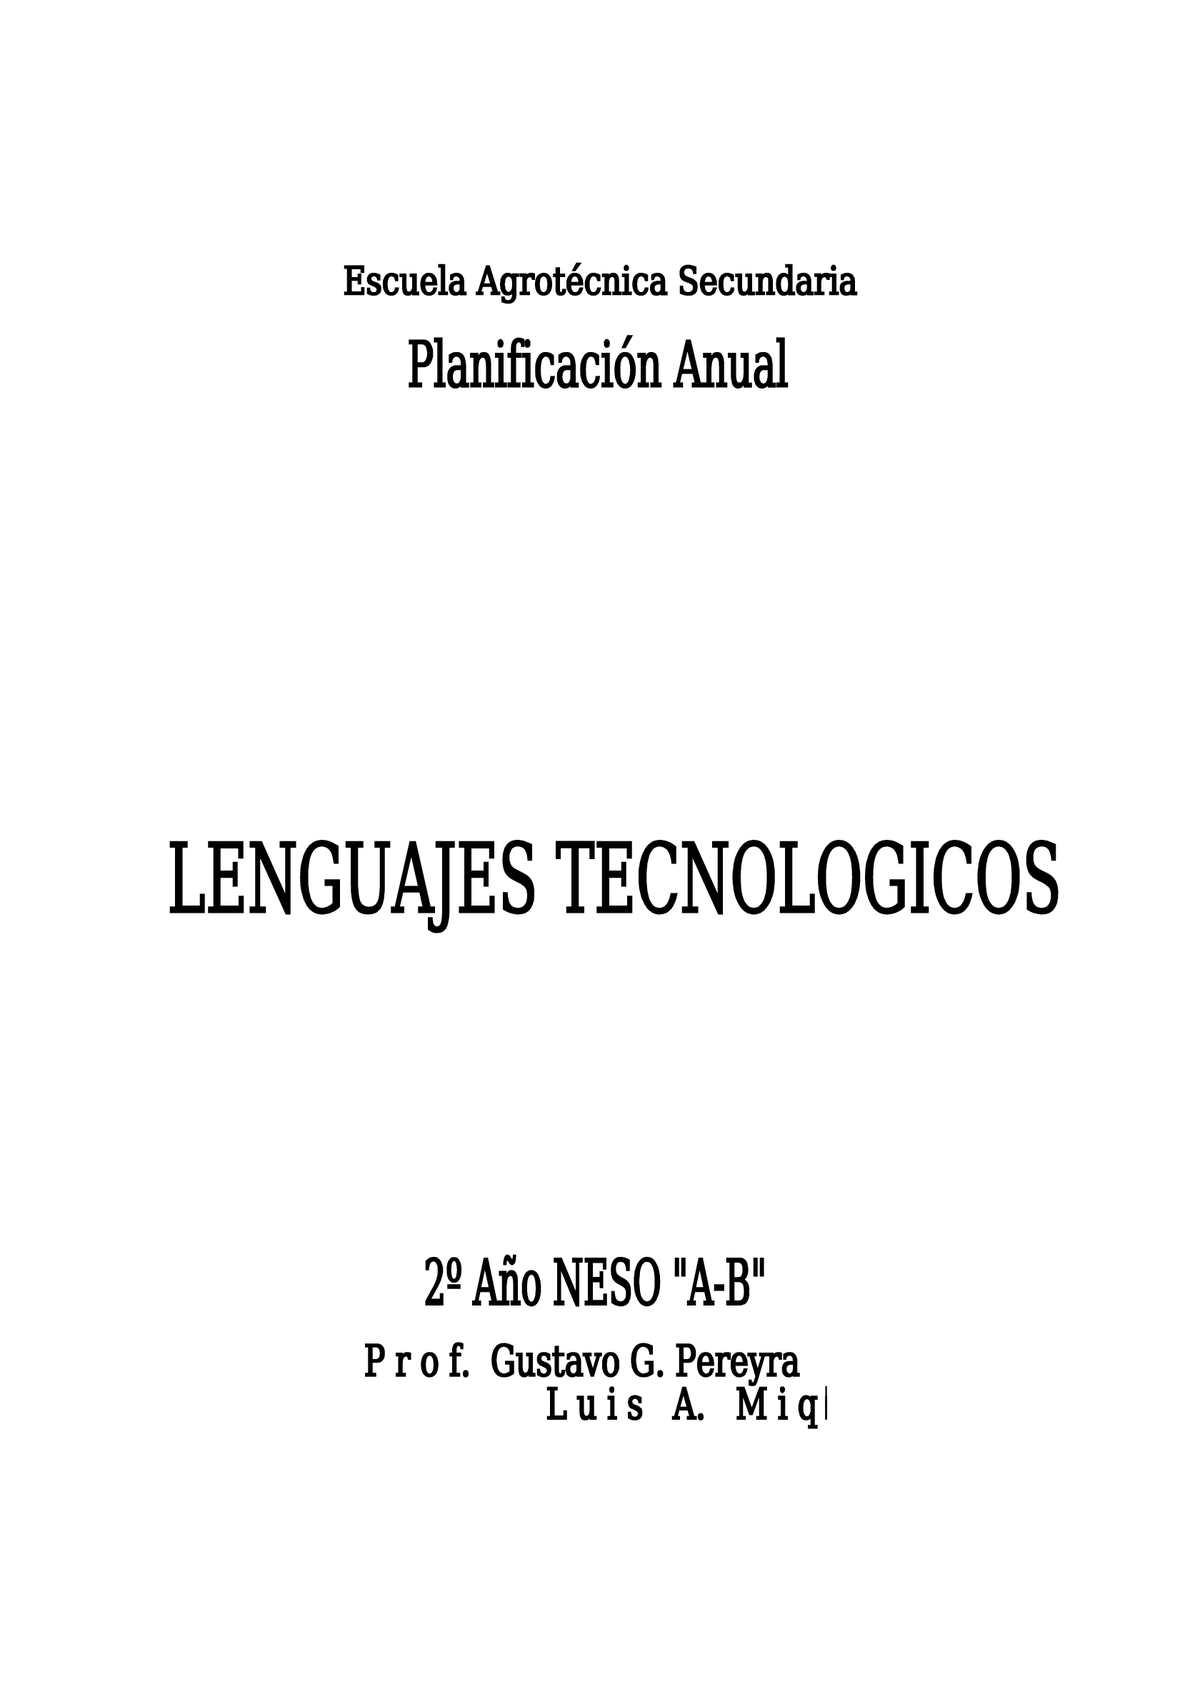 planificacion lenguajes tecnologicos